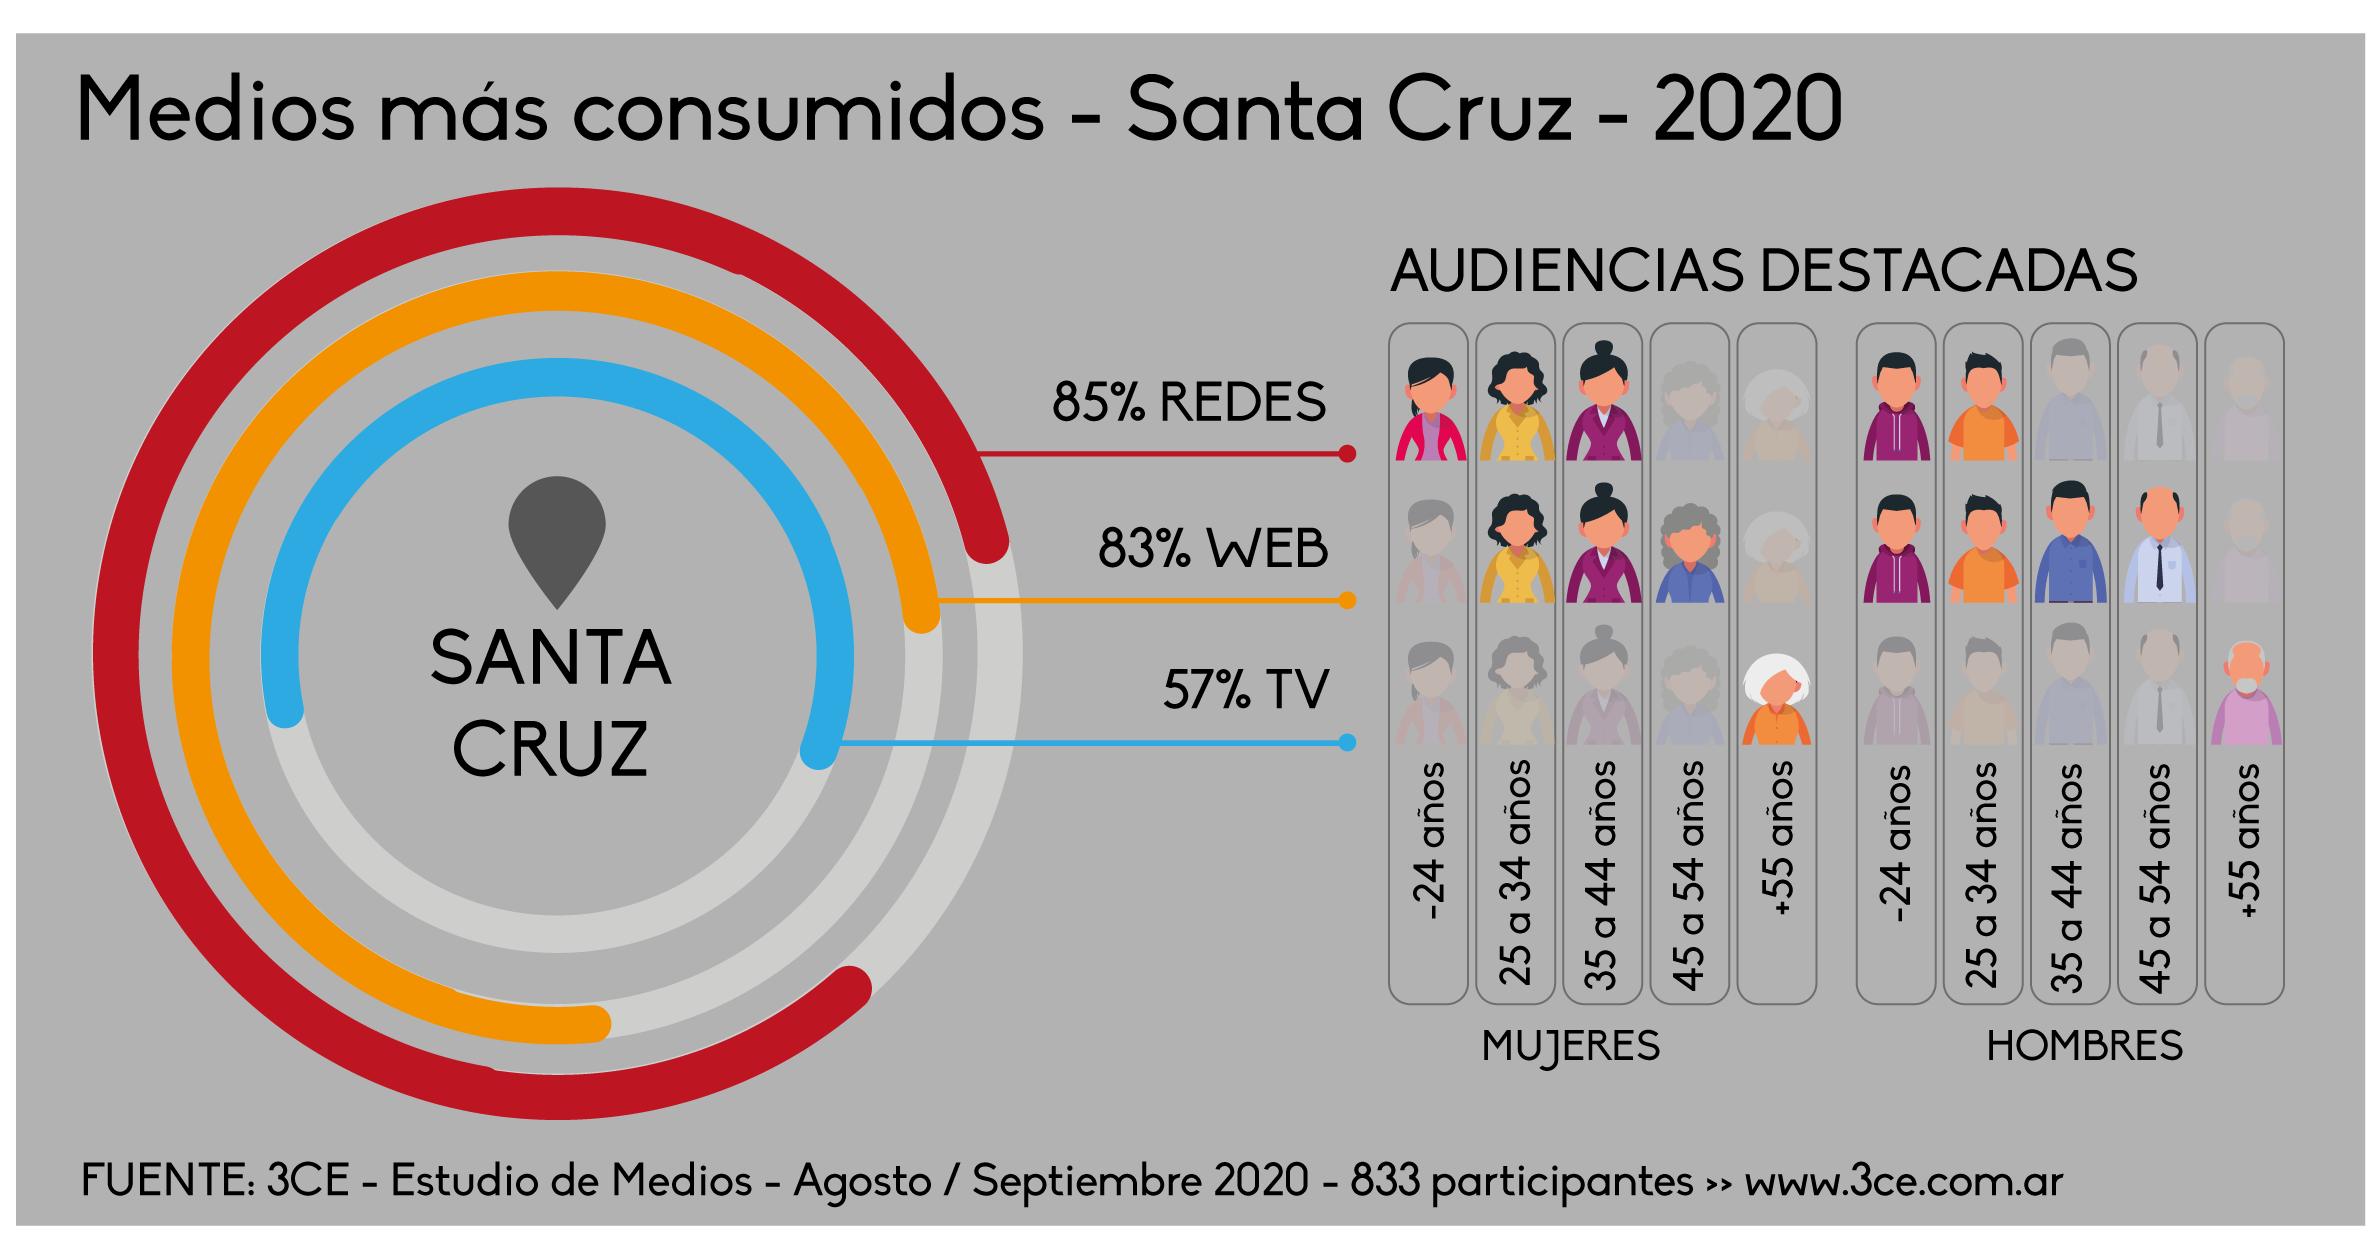 Medios más consumidos Santa Cruz 2020